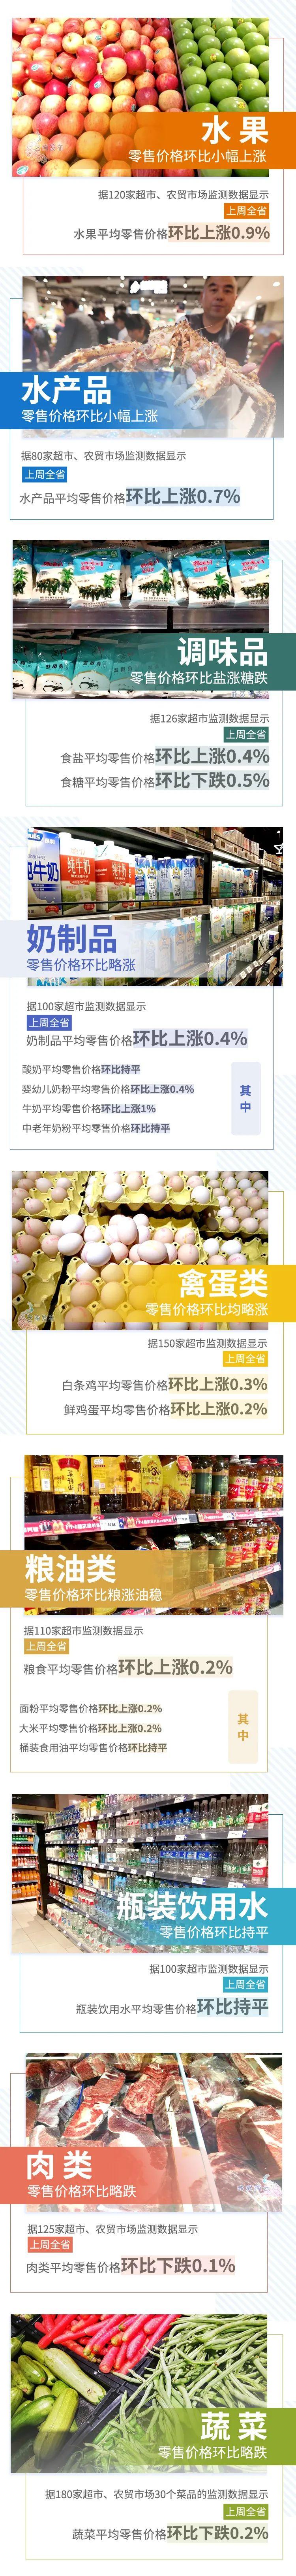 【民生】7涨2平3跌!上周云南省生活必需品零售价格情况来了